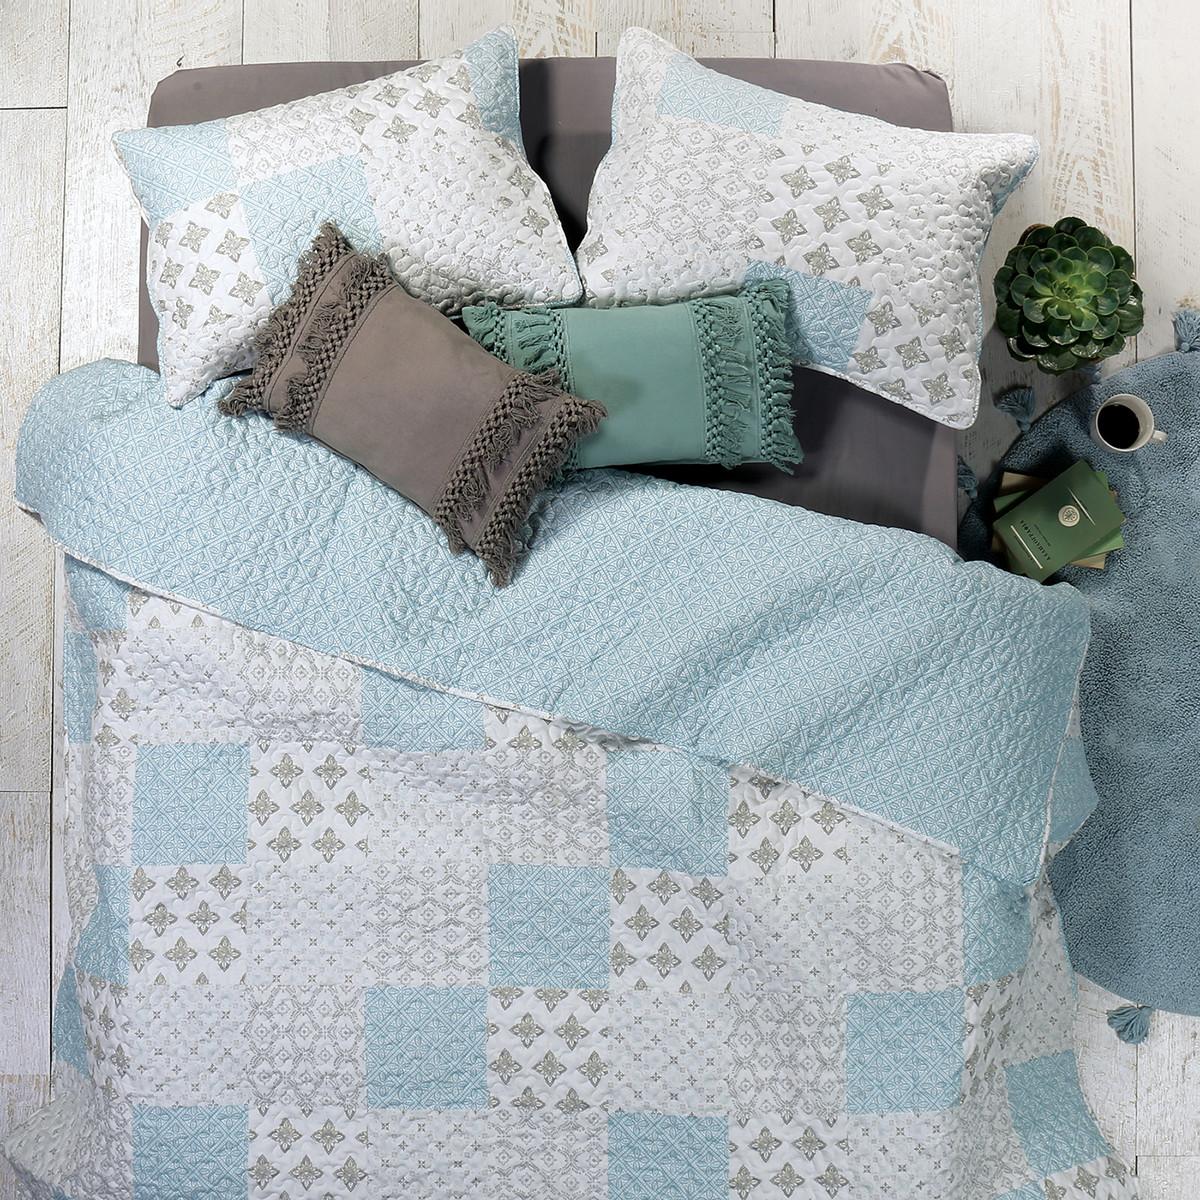 Κουβερλί Μονό Nef-Nef Windflower home   κρεβατοκάμαρα   κουβερλί   κουβερλί μονά